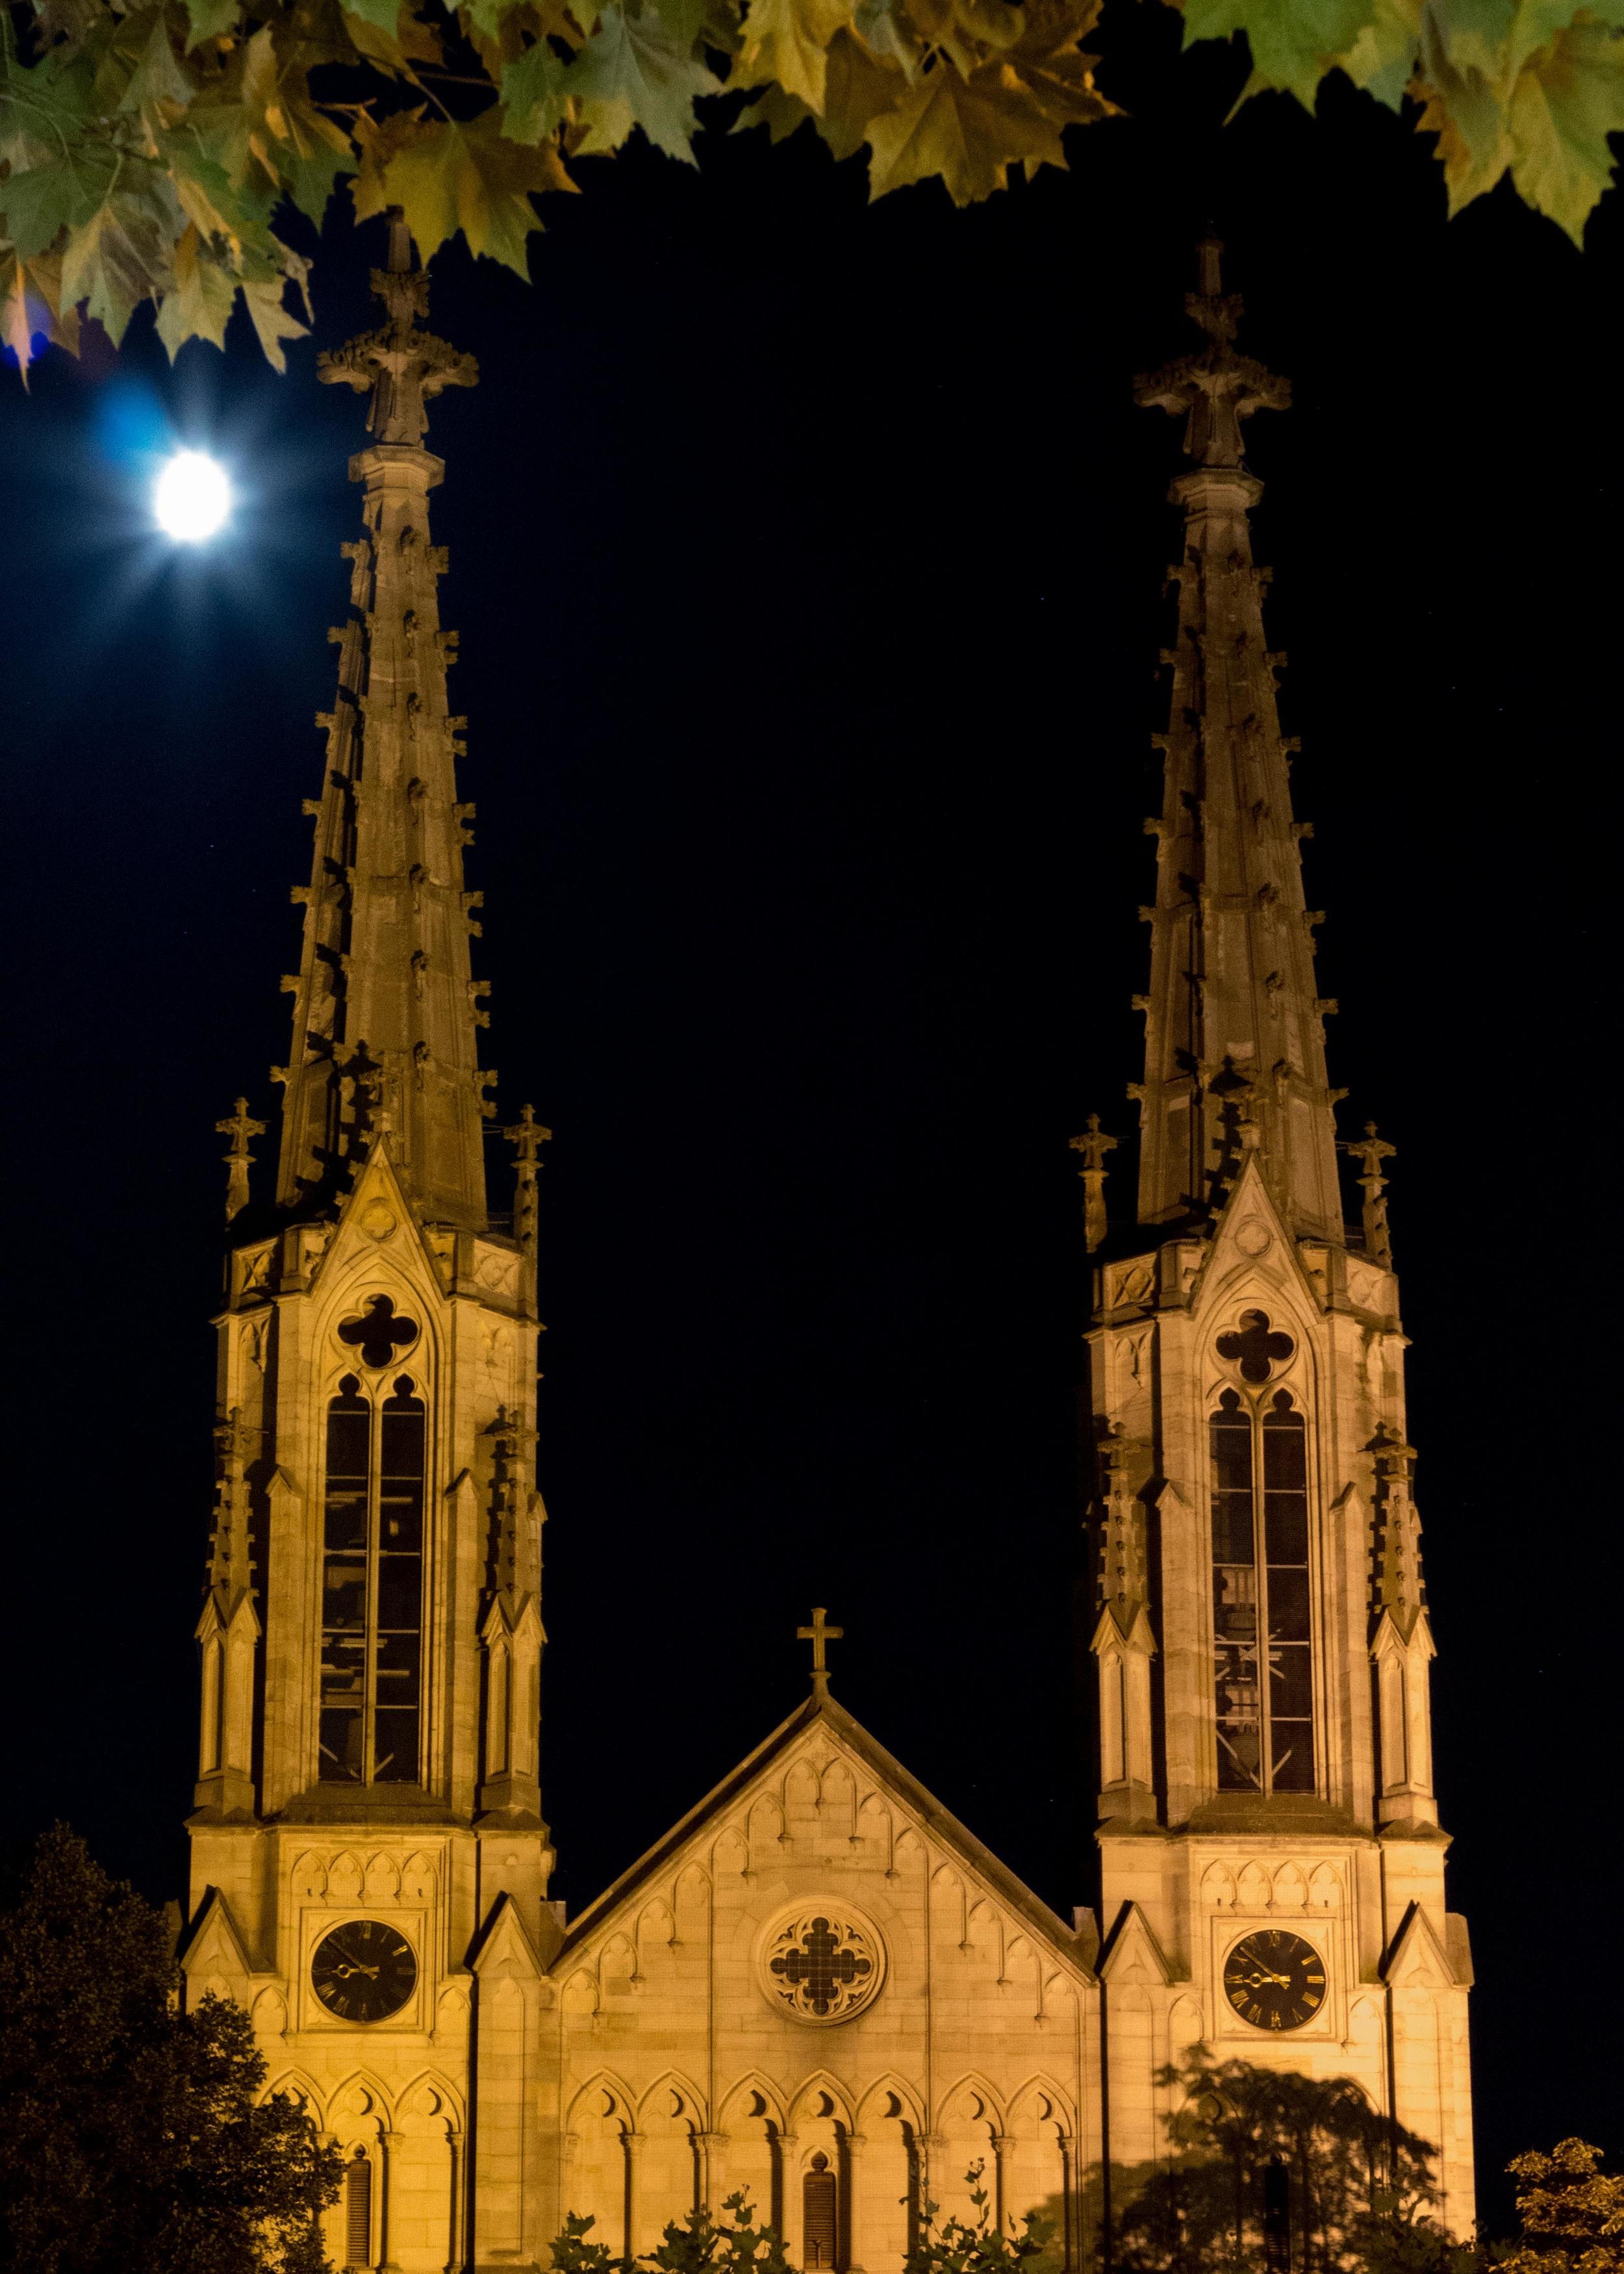 Evangelical City Church of Baden Baden - Baden Baden, Germany - October 2014